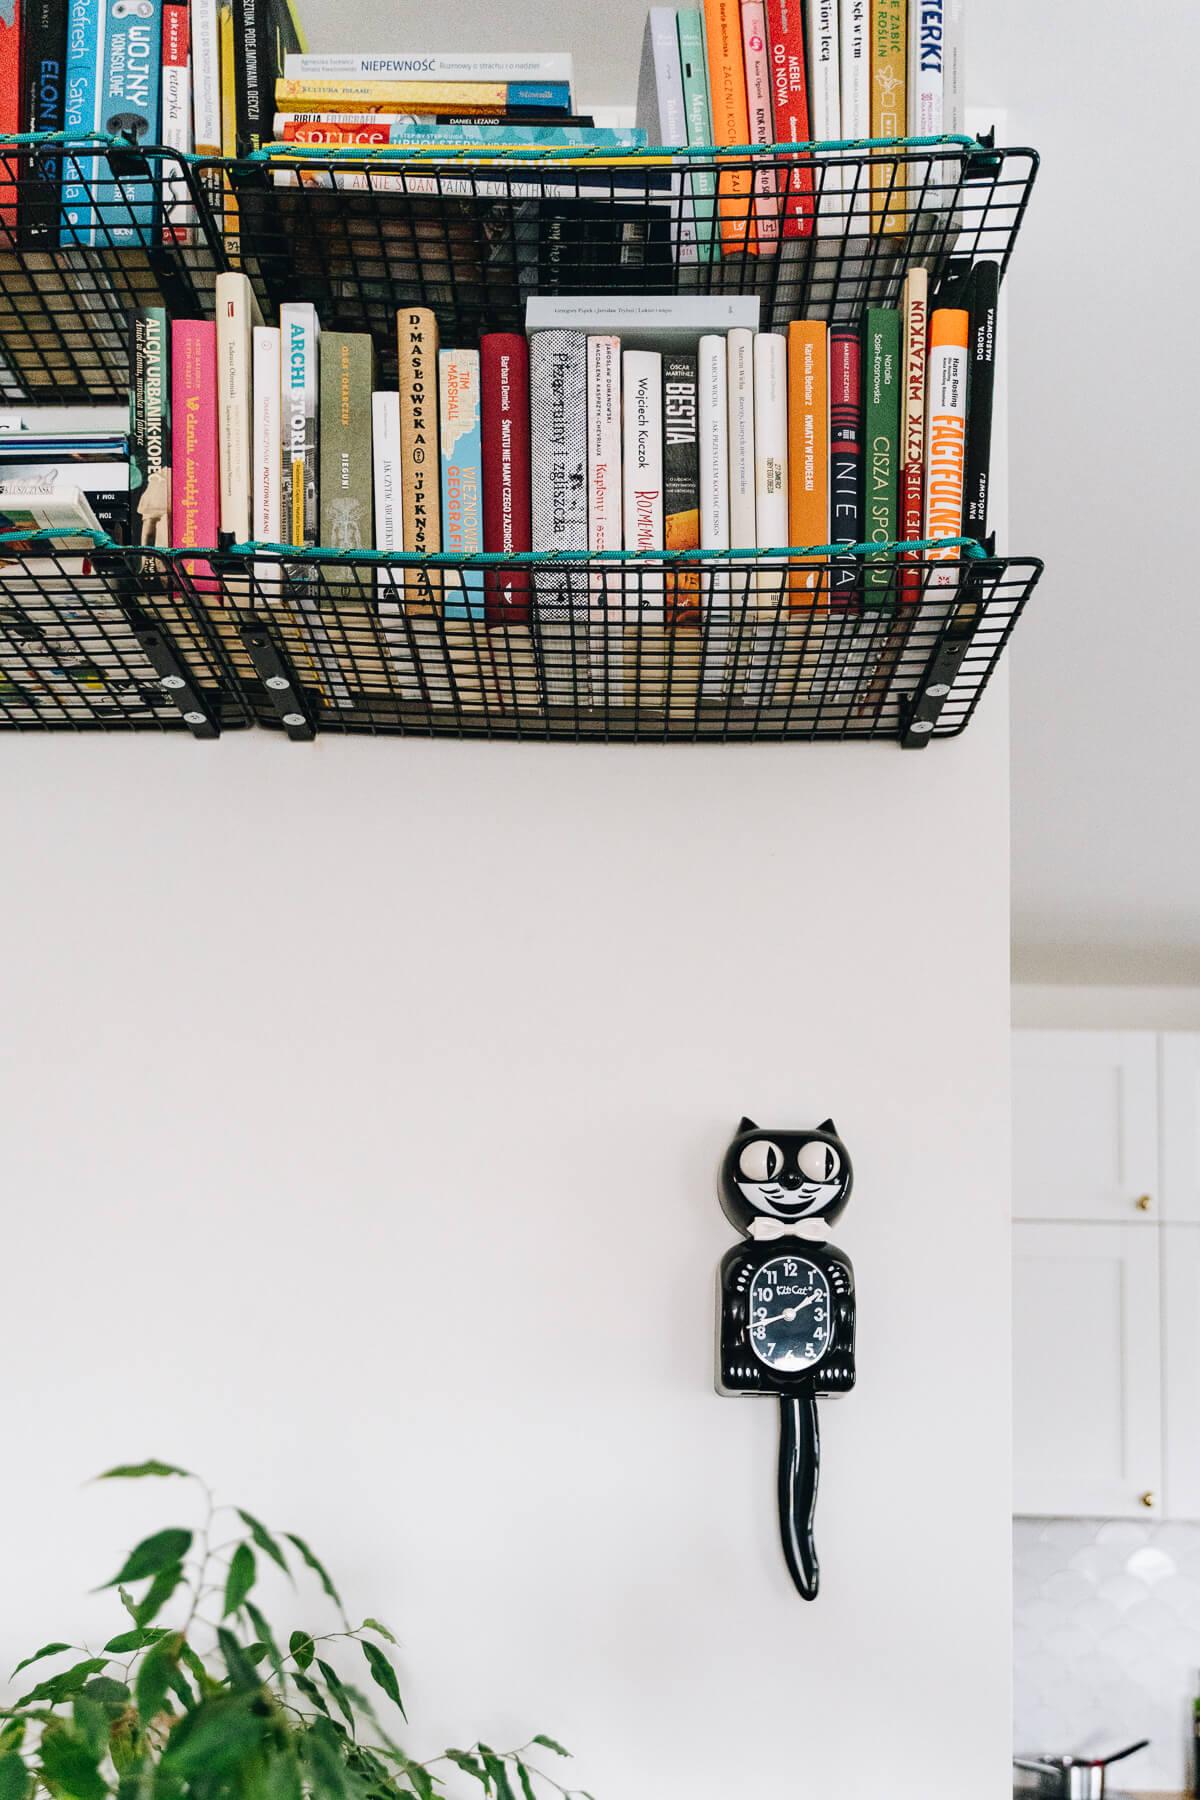 czarny zegar w kształcie kota, który rusza oczami i ogonem